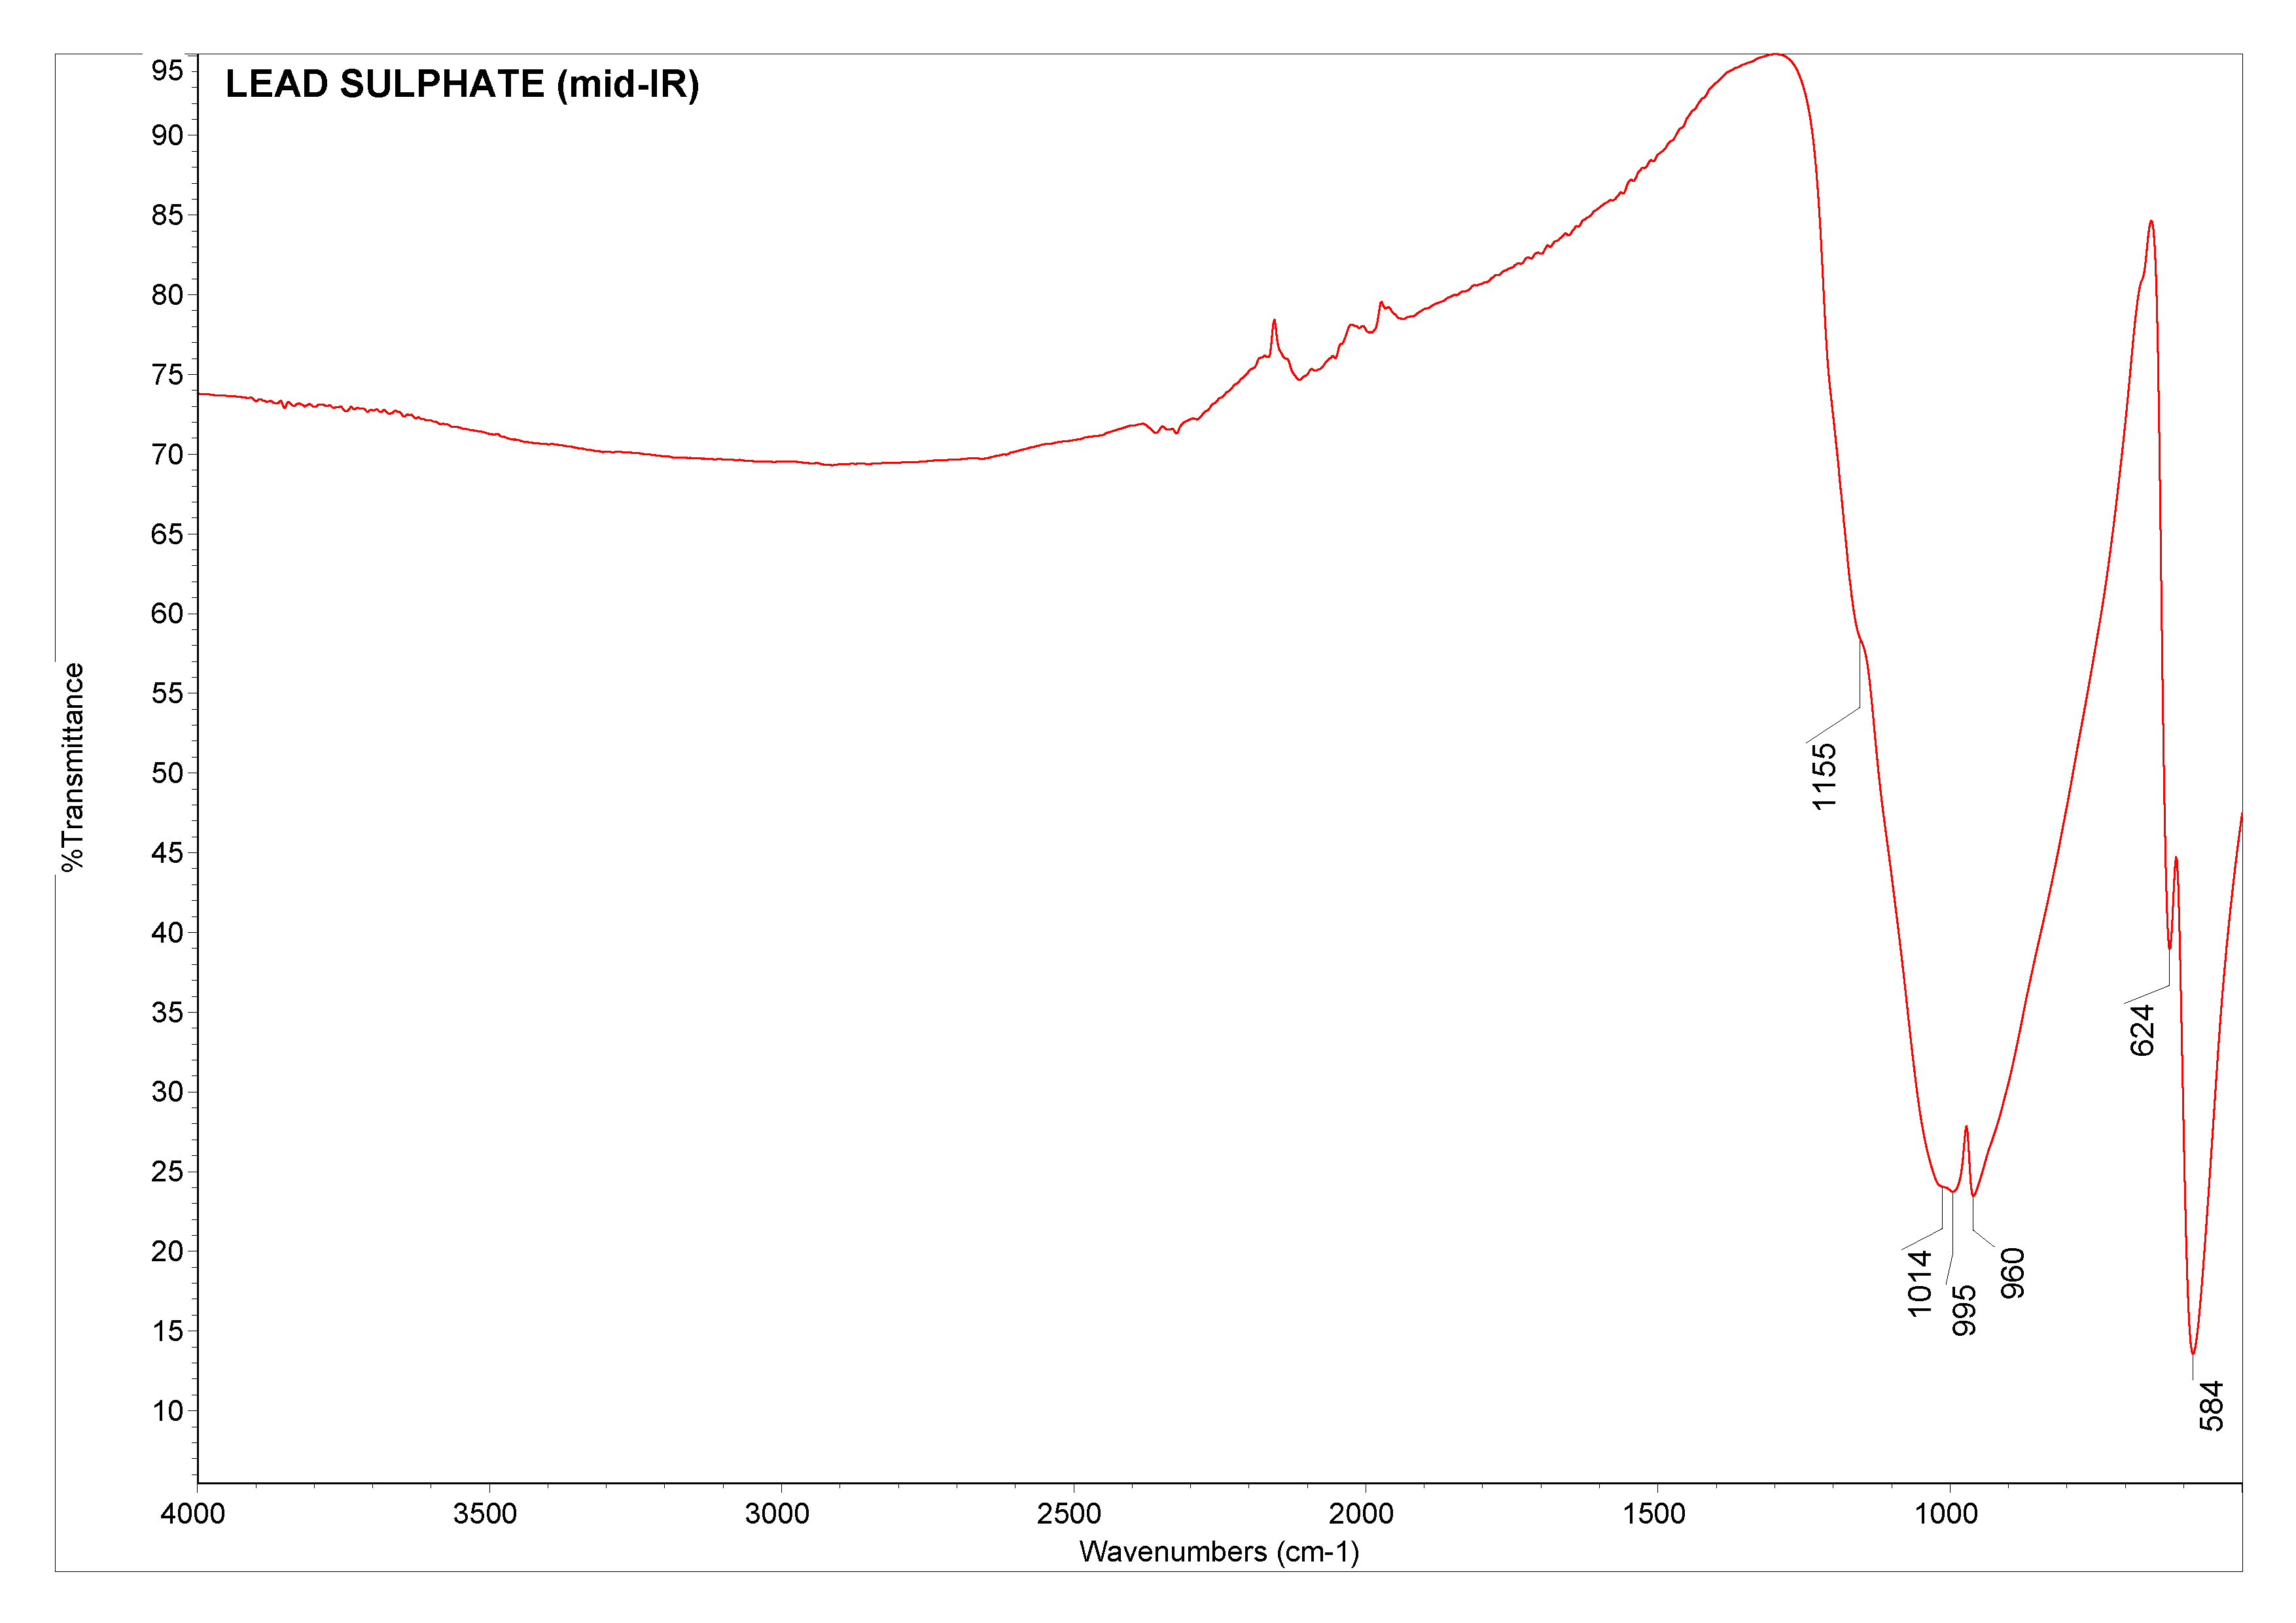 Lead sulphate (mid-IR)